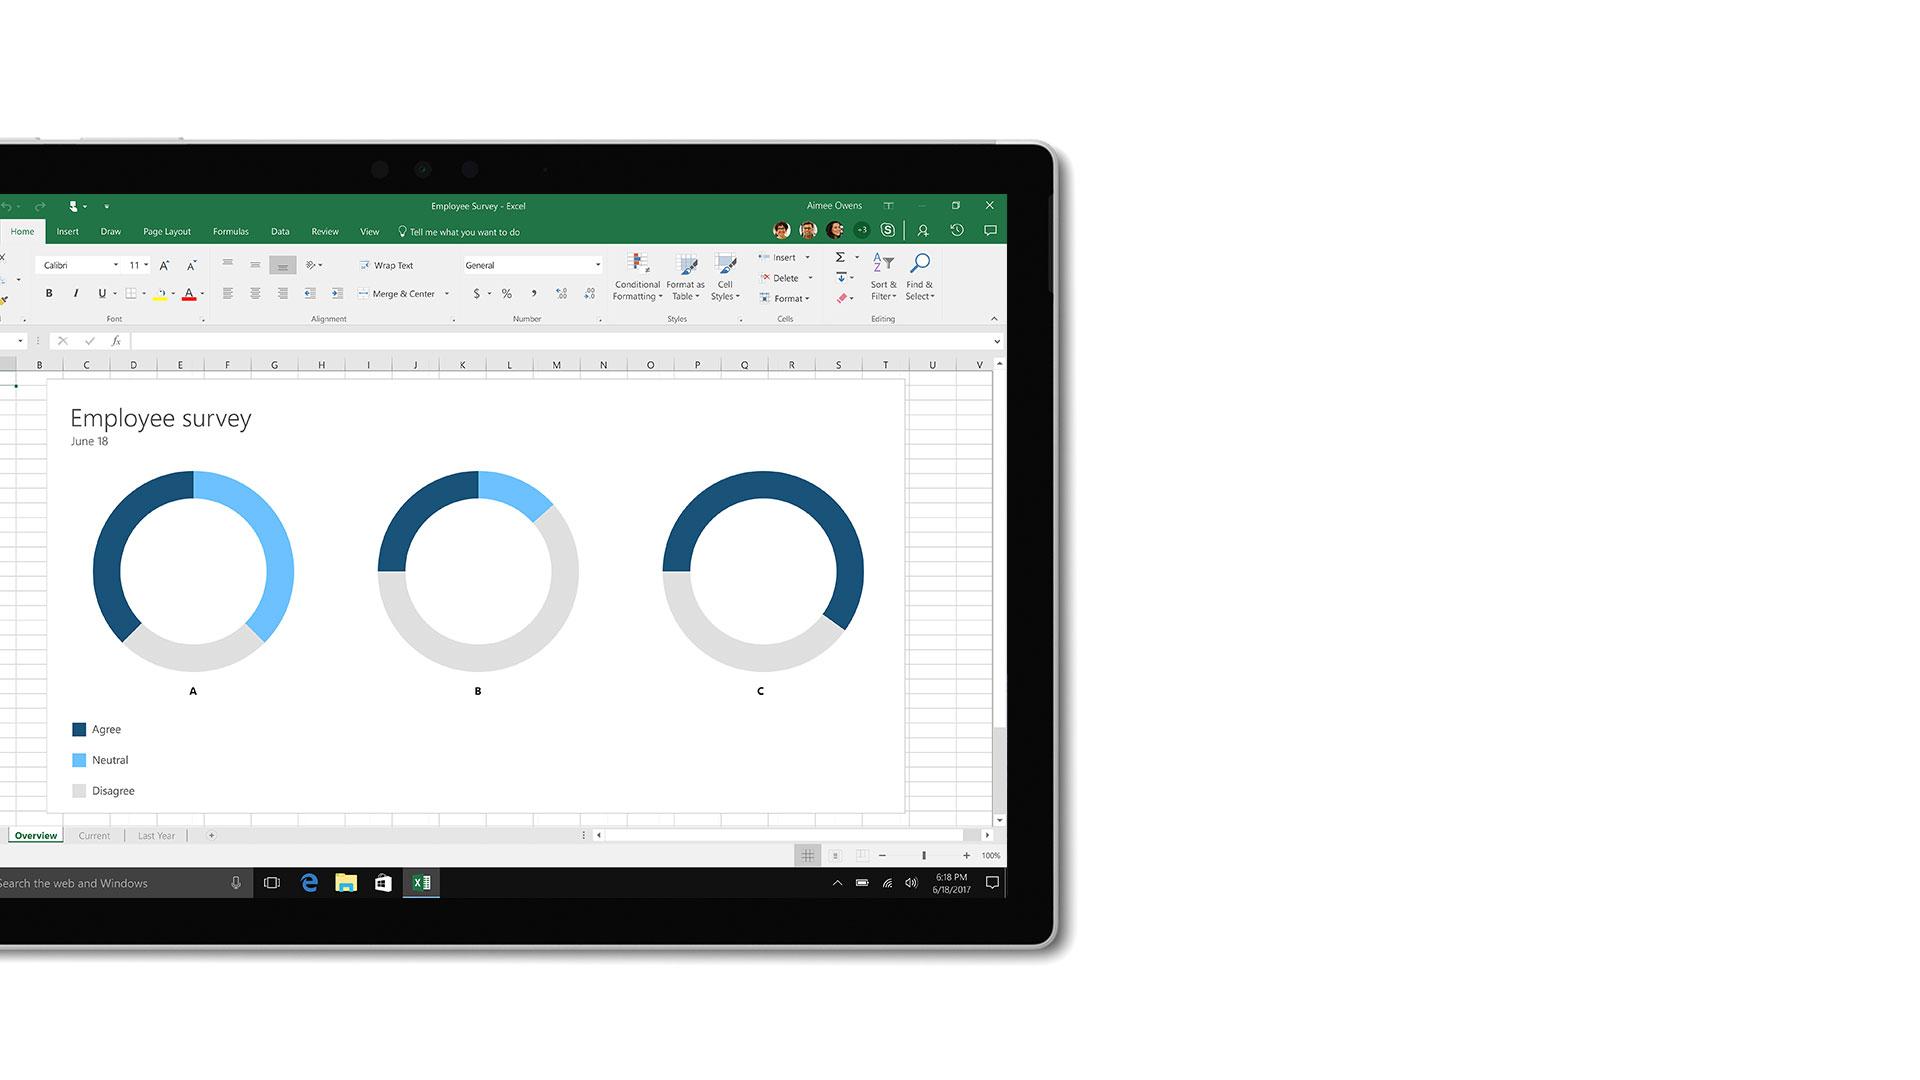 Imagem da interface de utilizador do Microsoft Excel